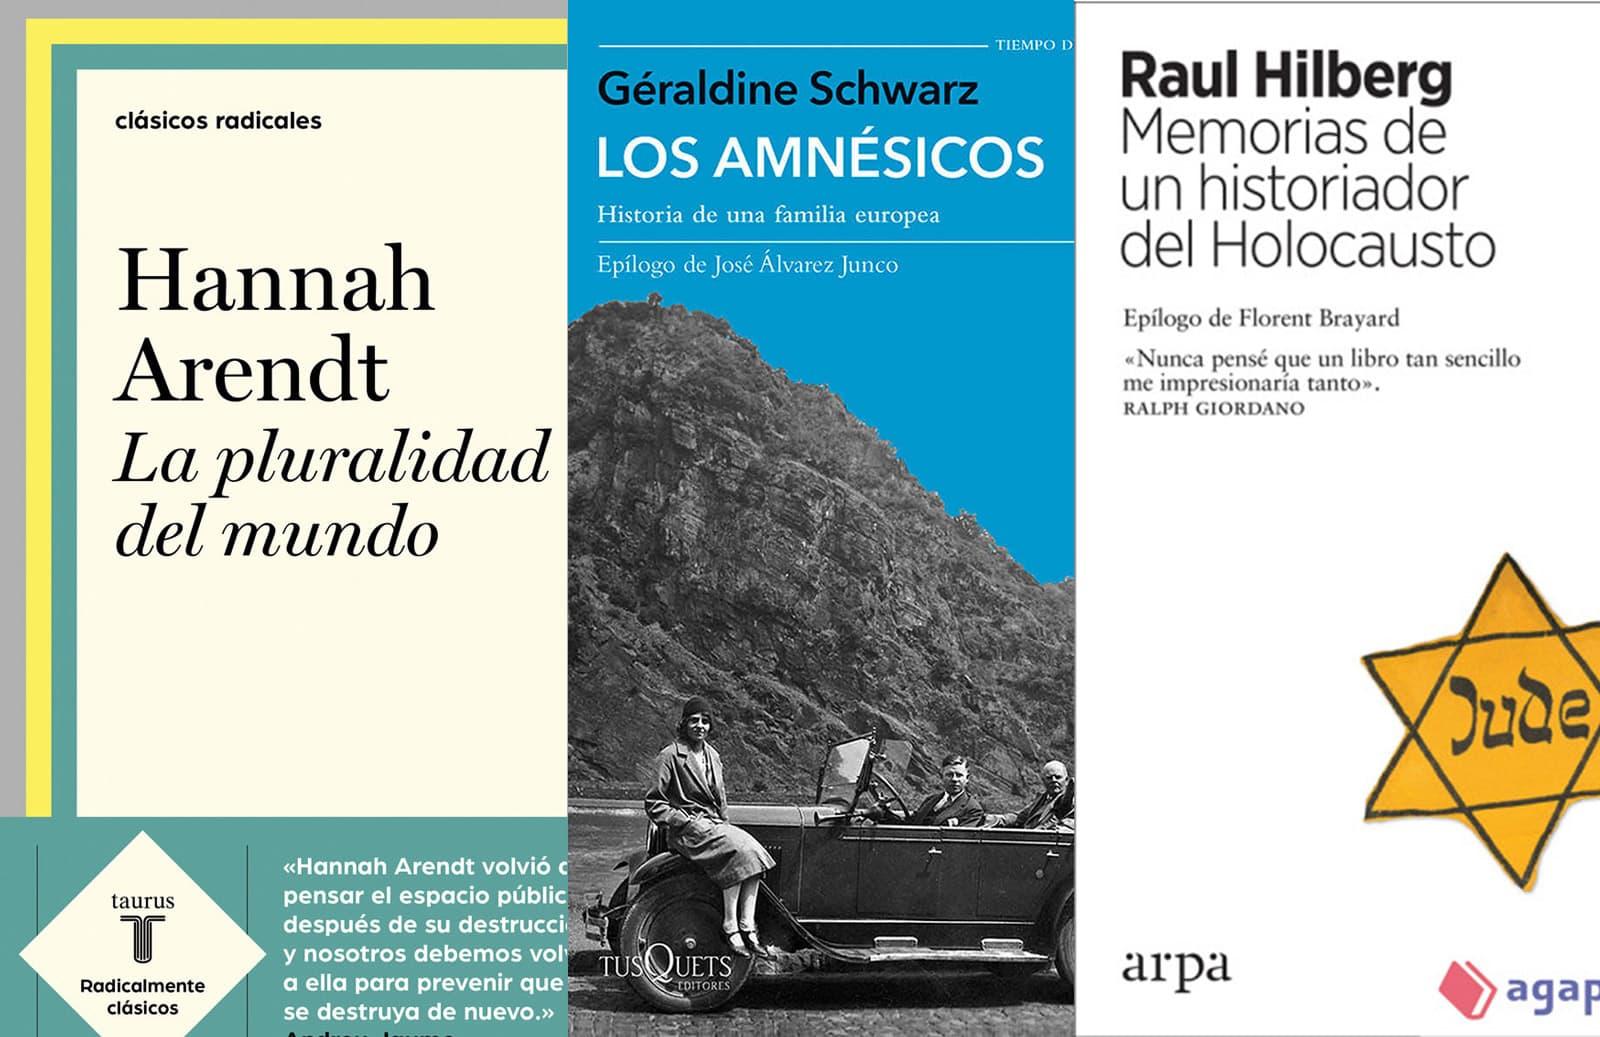 La pluralidad del mundo d'Hannah Arendt, Los amnésicos de Geraldine Schwarz i Memorias de un historiador del Holocausto de Raul Hilberg